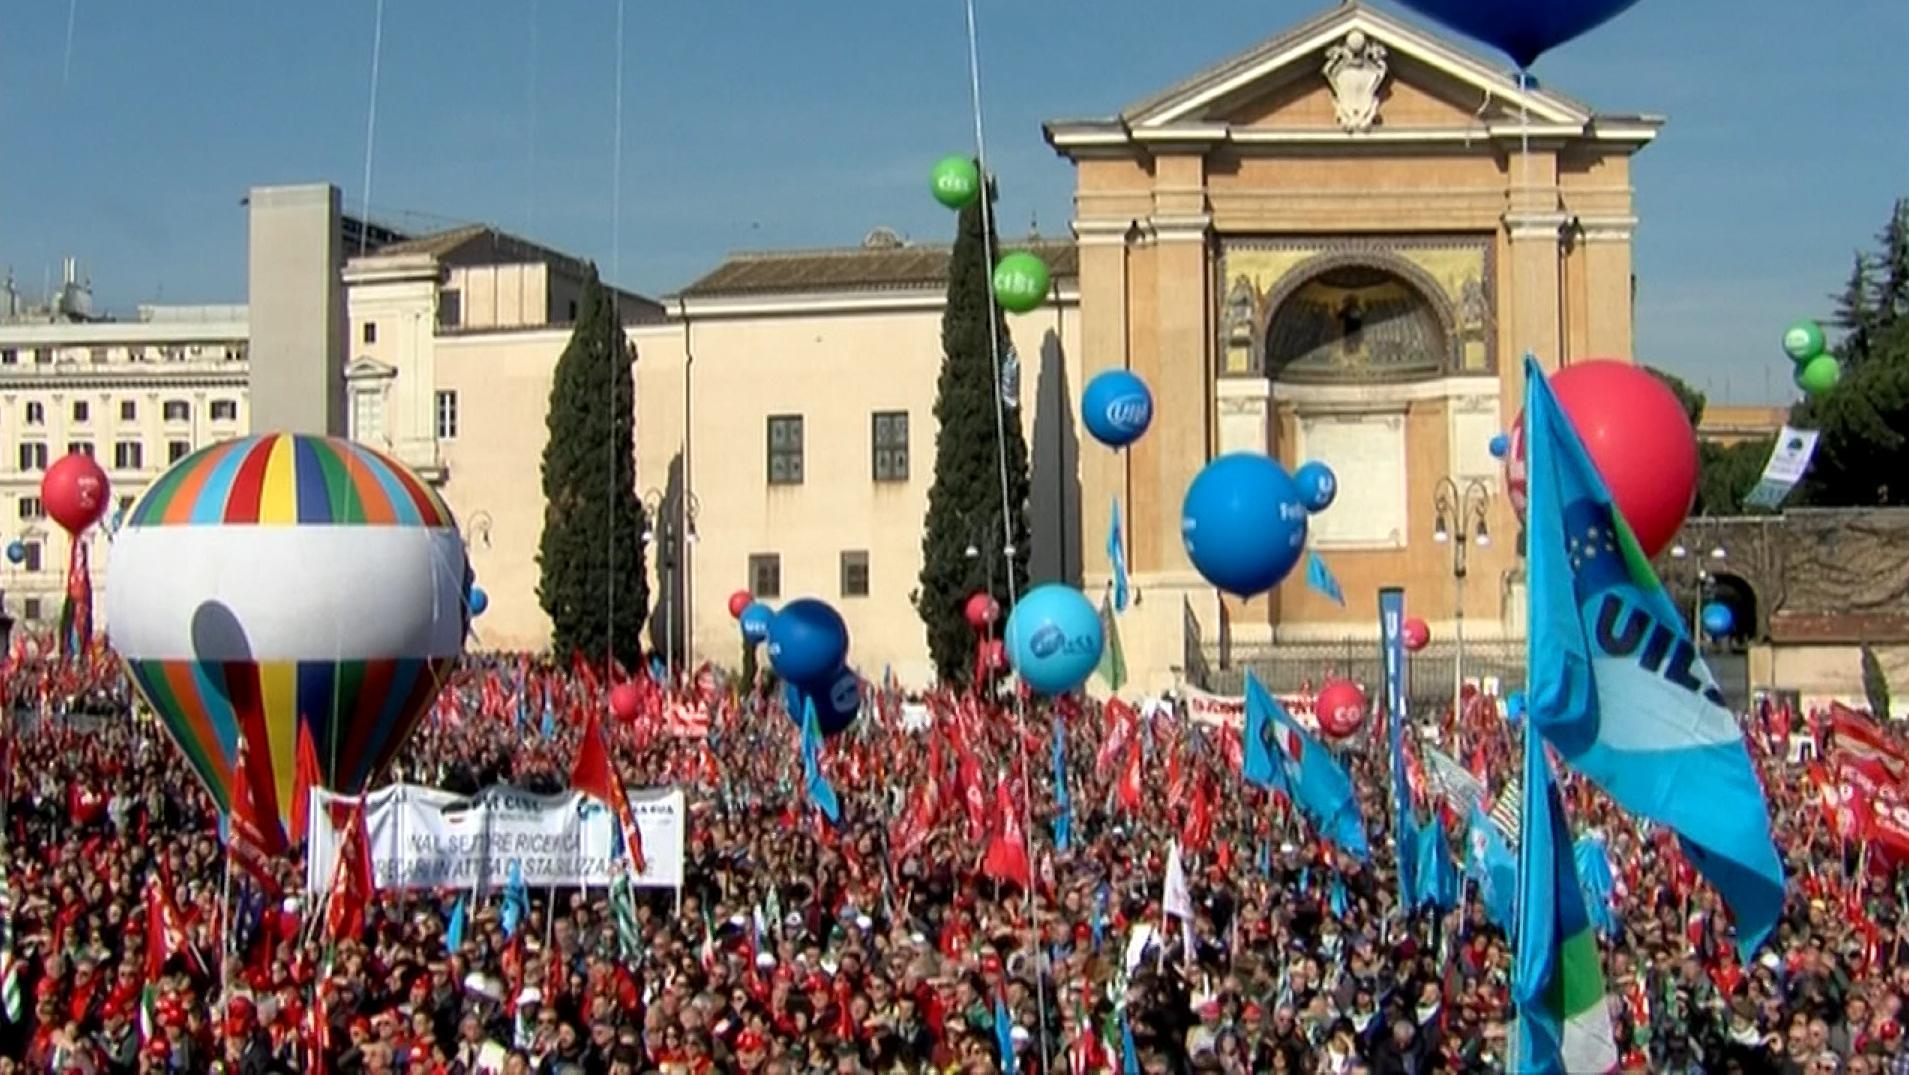 Hunderttausende Italiener protestieren in Rom gegen Wirtschaftspolitik der Regierung